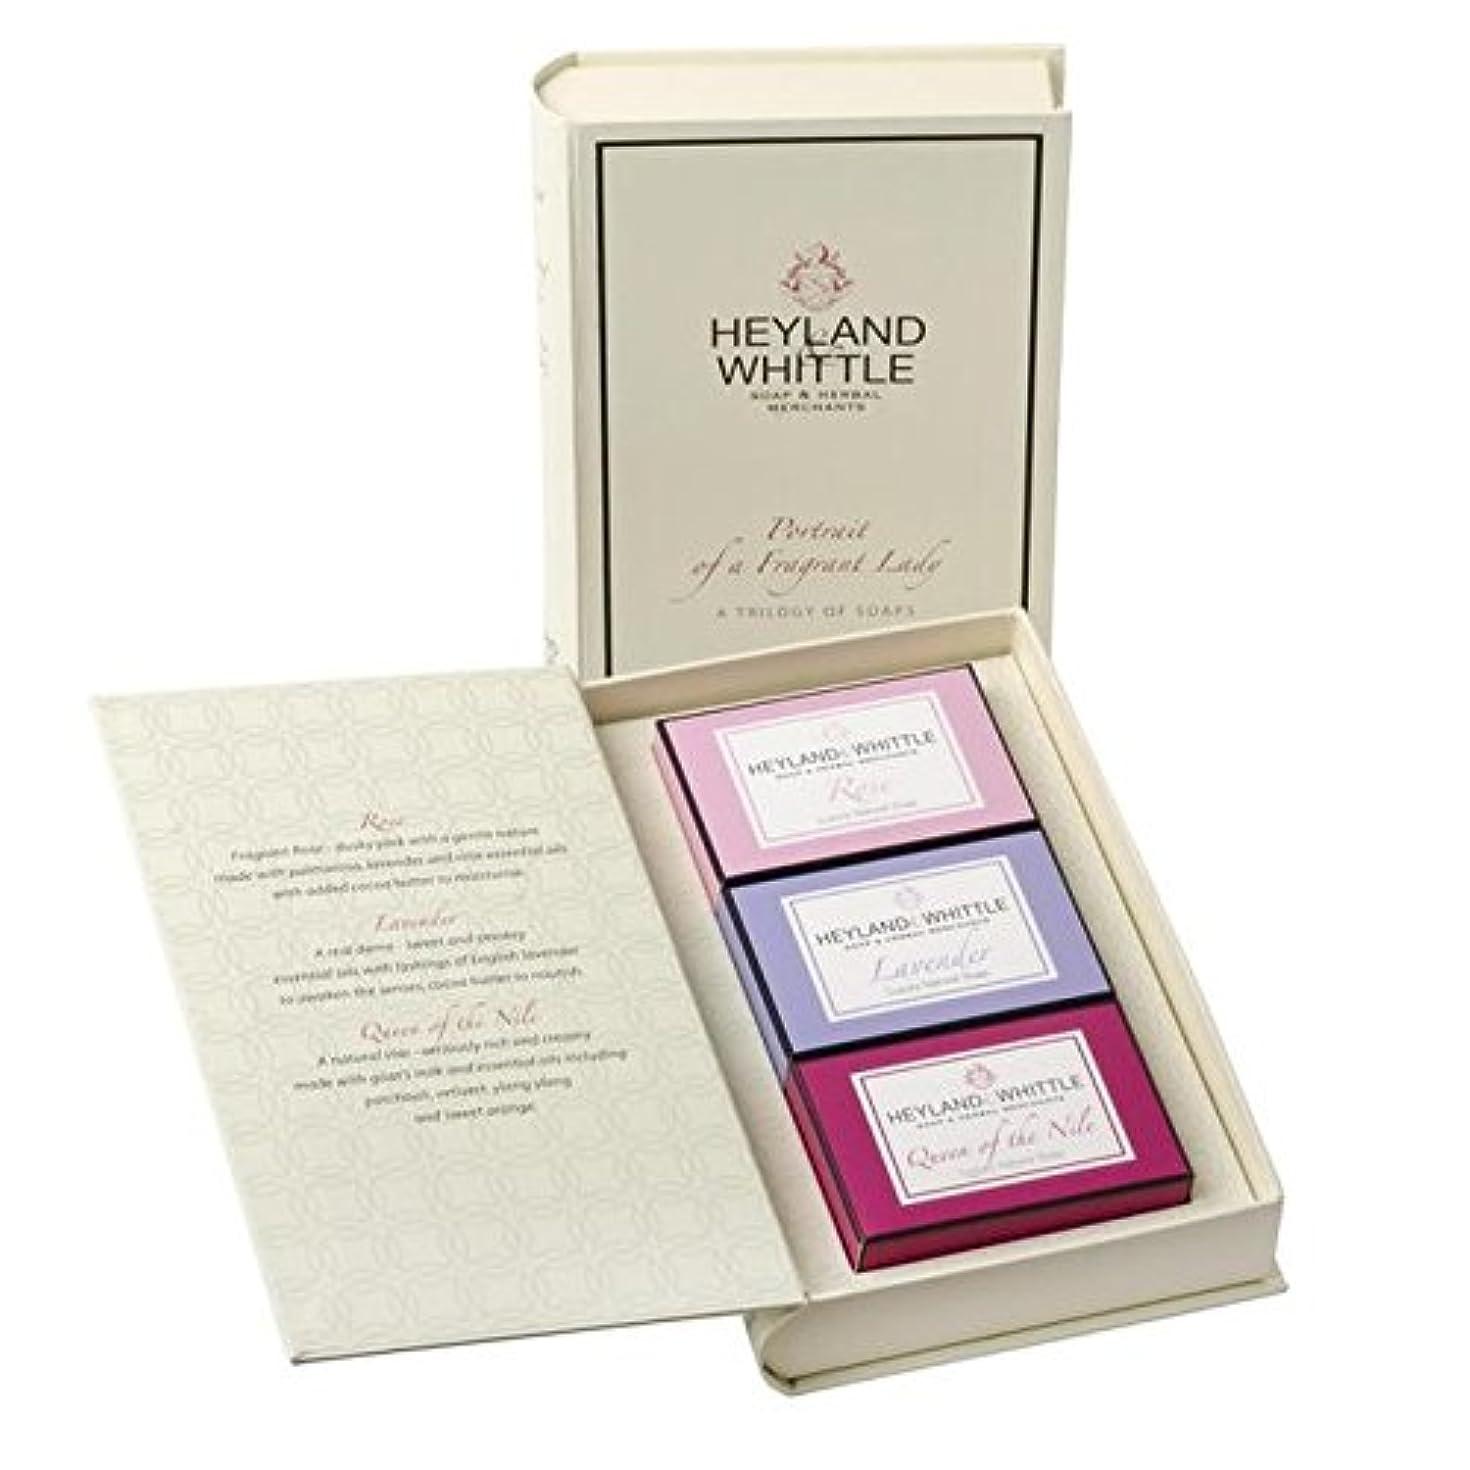 ジーンズ殺人オズワルド&削る石鹸帳、香りの女性の肖像画 x2 - Heyland & Whittle Soap Book, Portrait of a Fragrant Lady (Pack of 2) [並行輸入品]